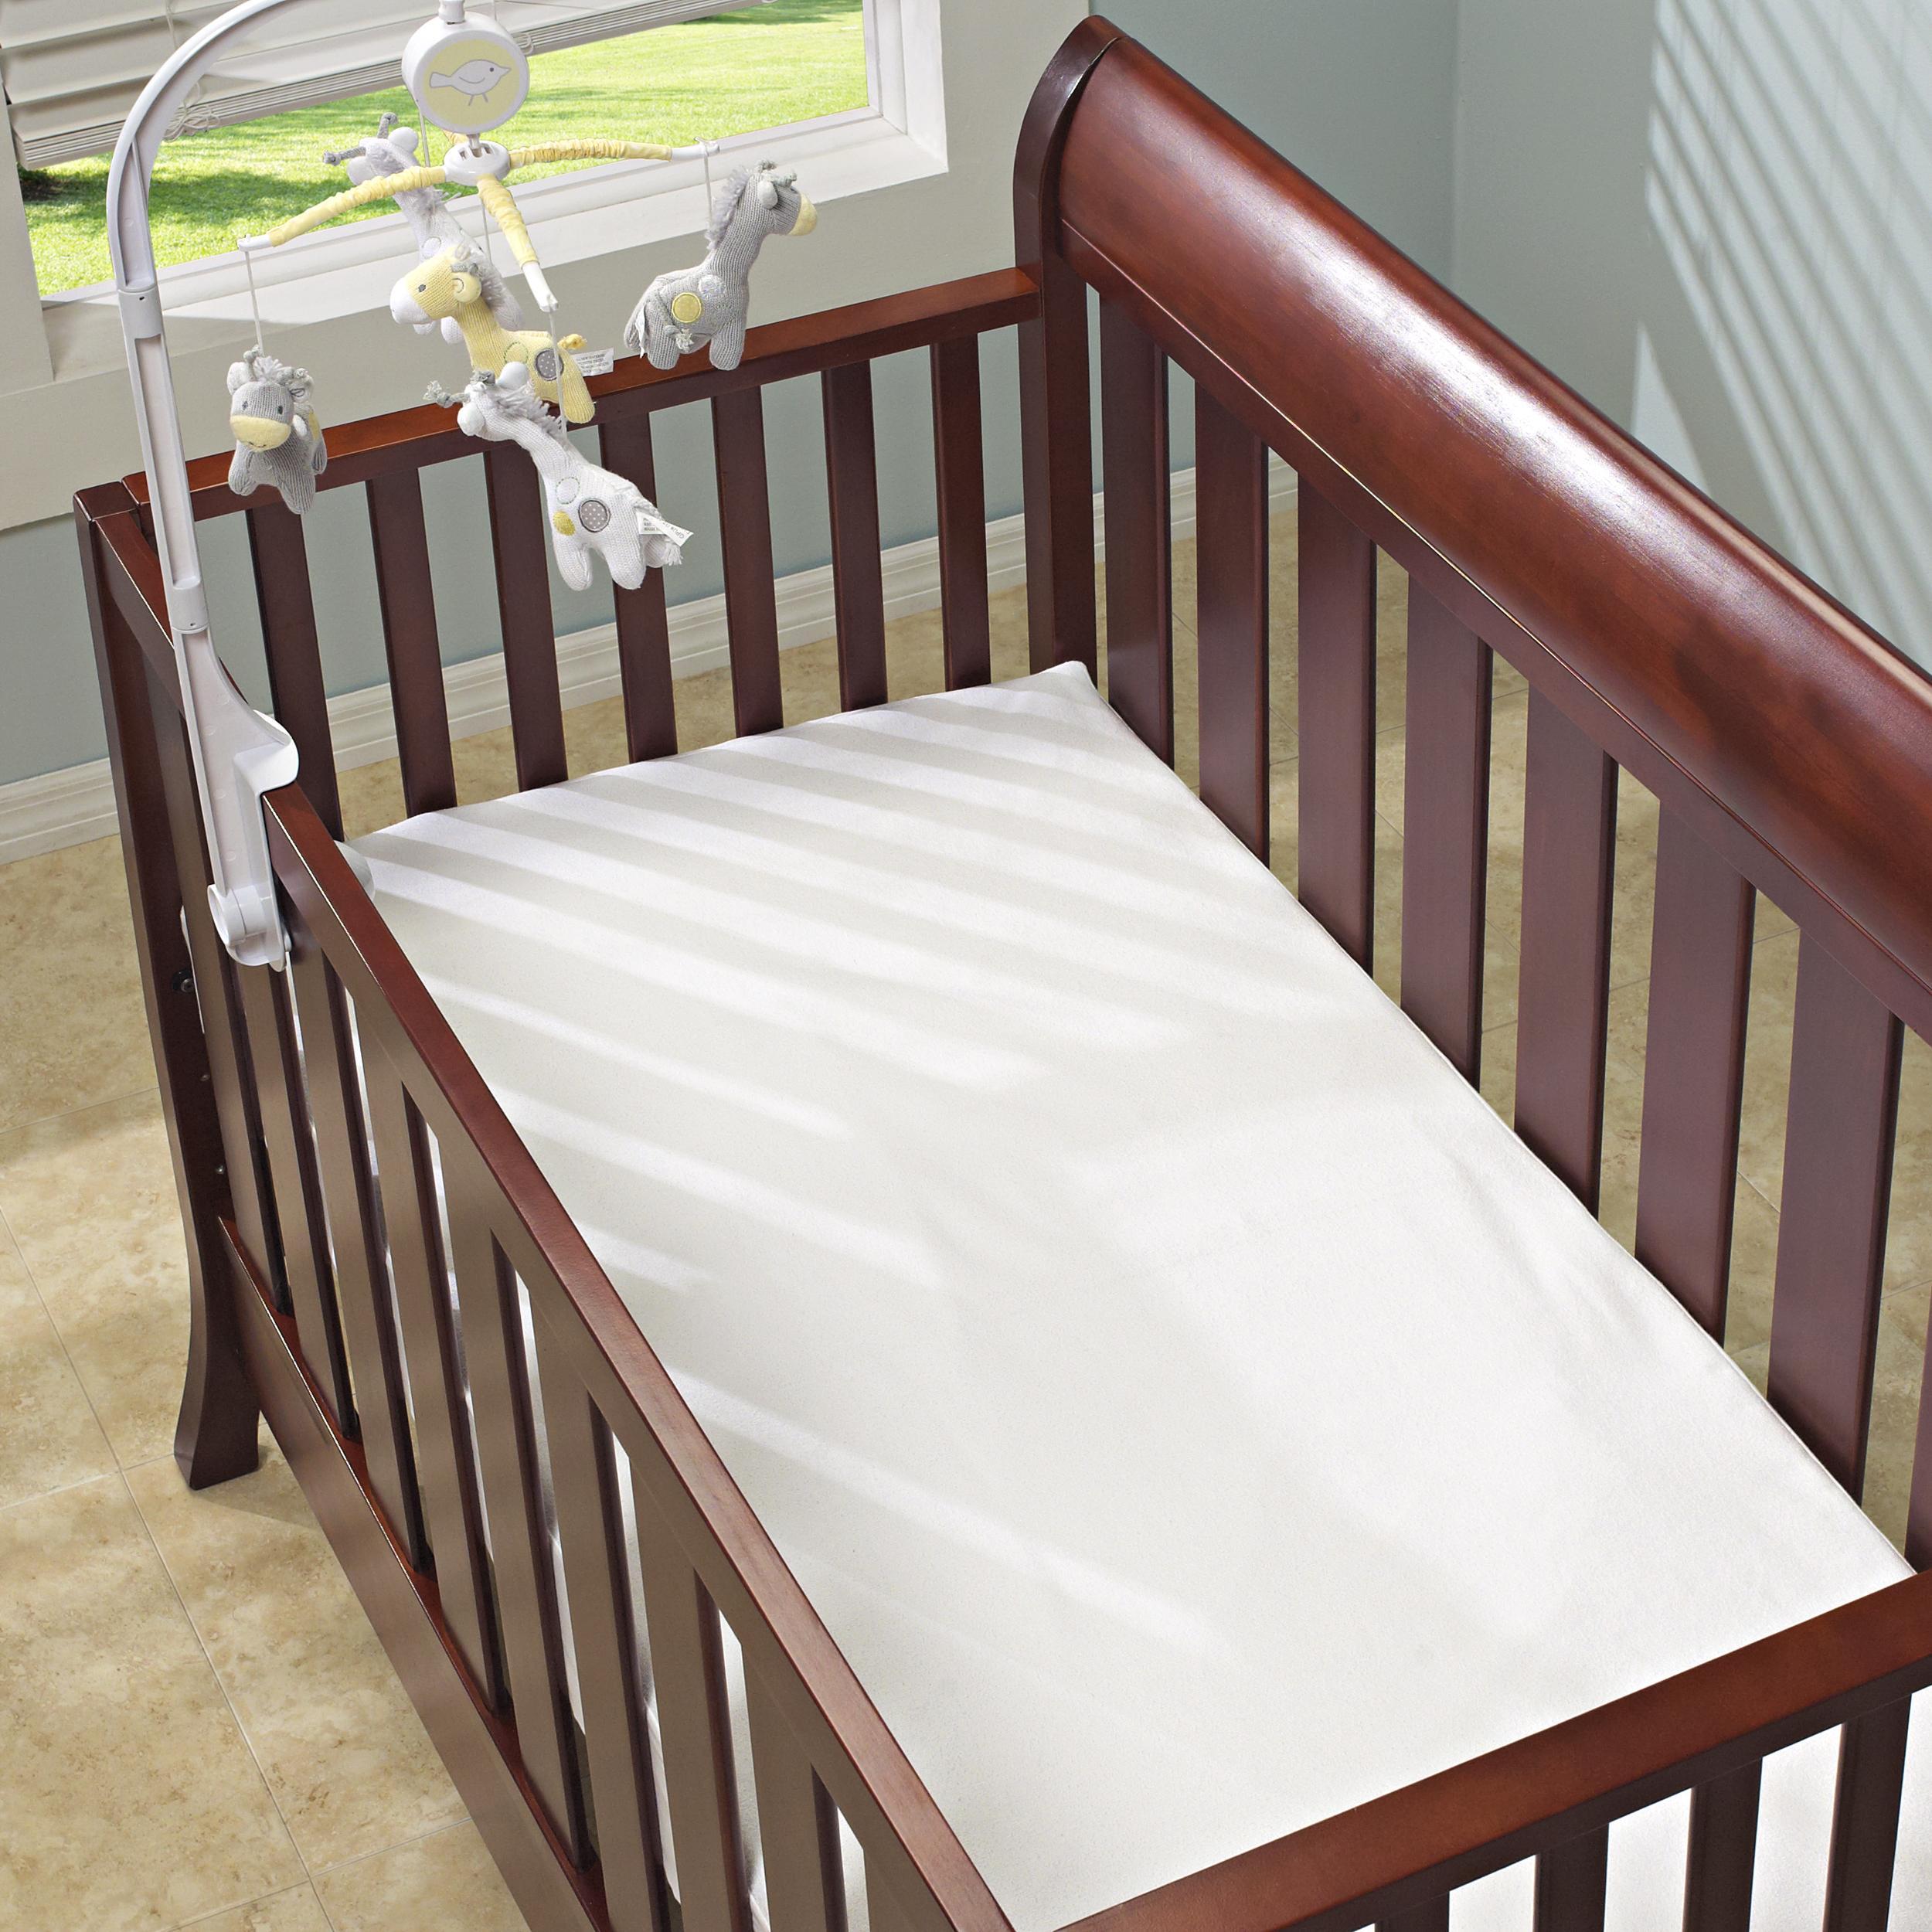 Famous Maker Waterproof Crib Size Mattress Pad Free